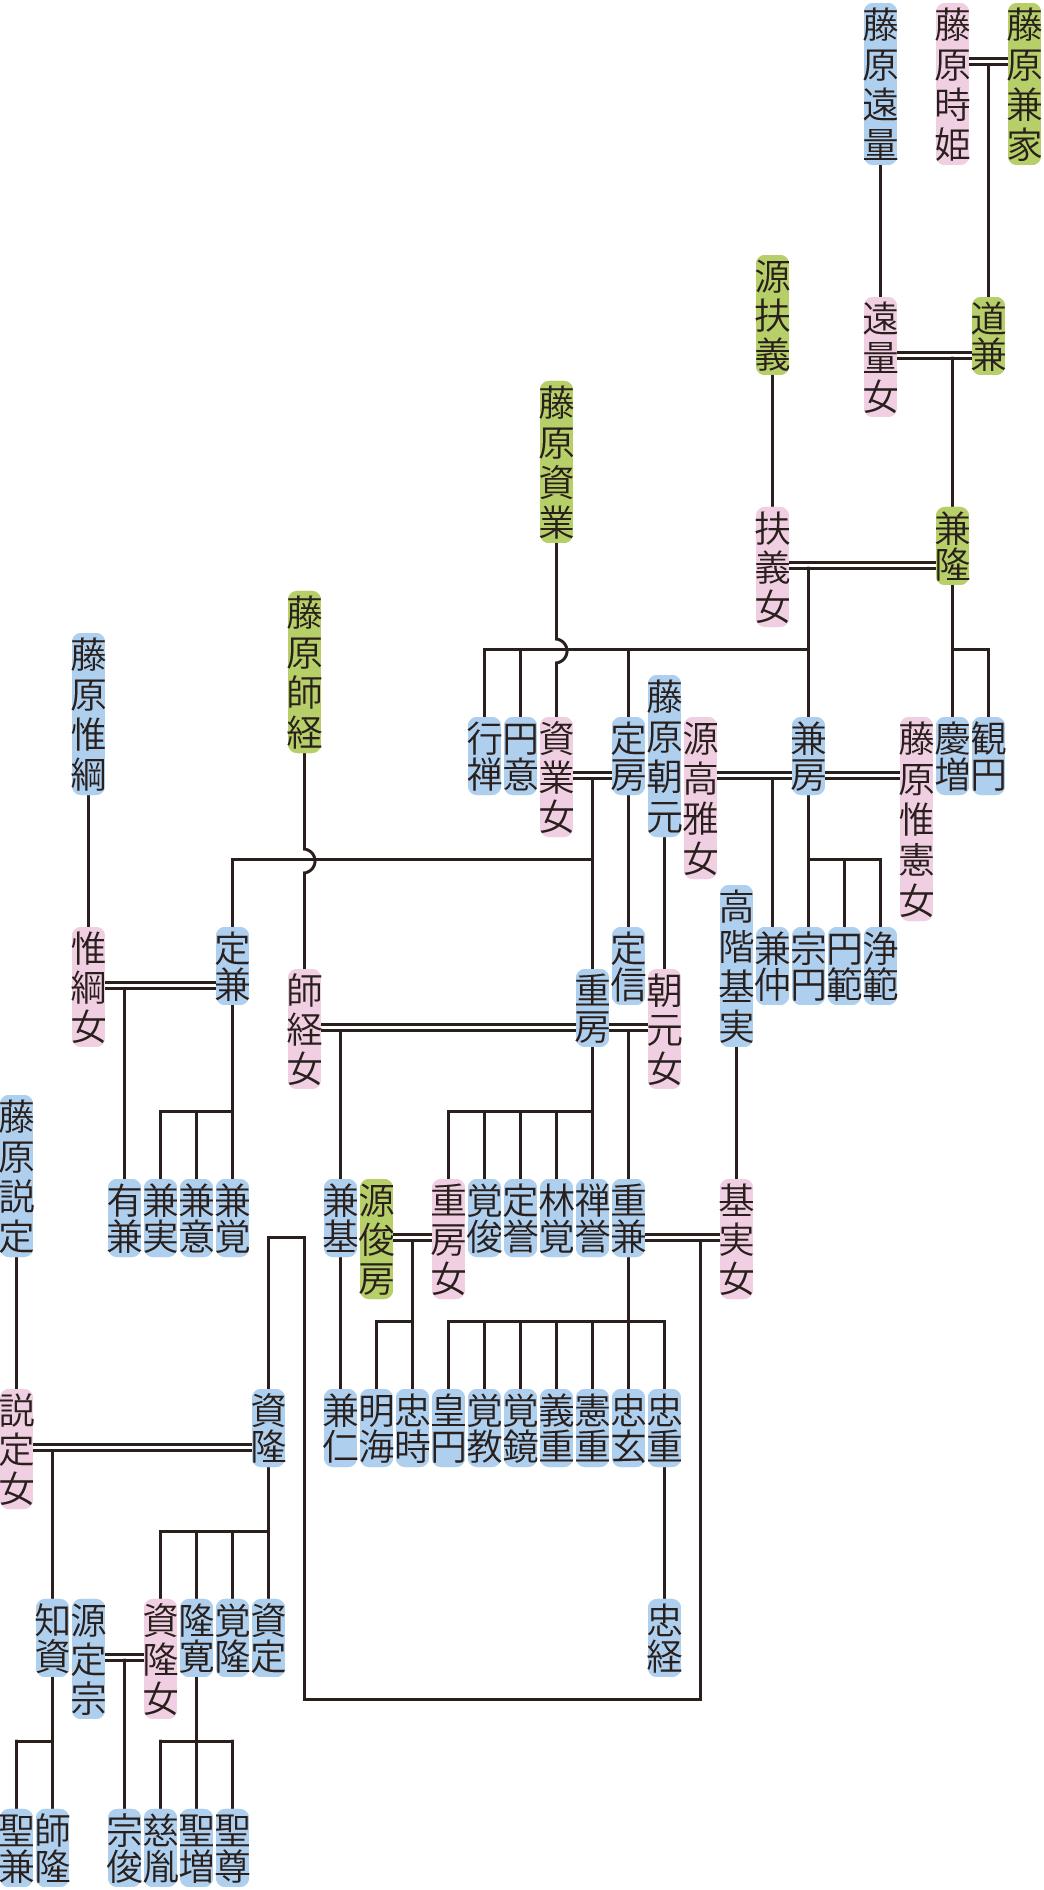 藤原兼隆の系図